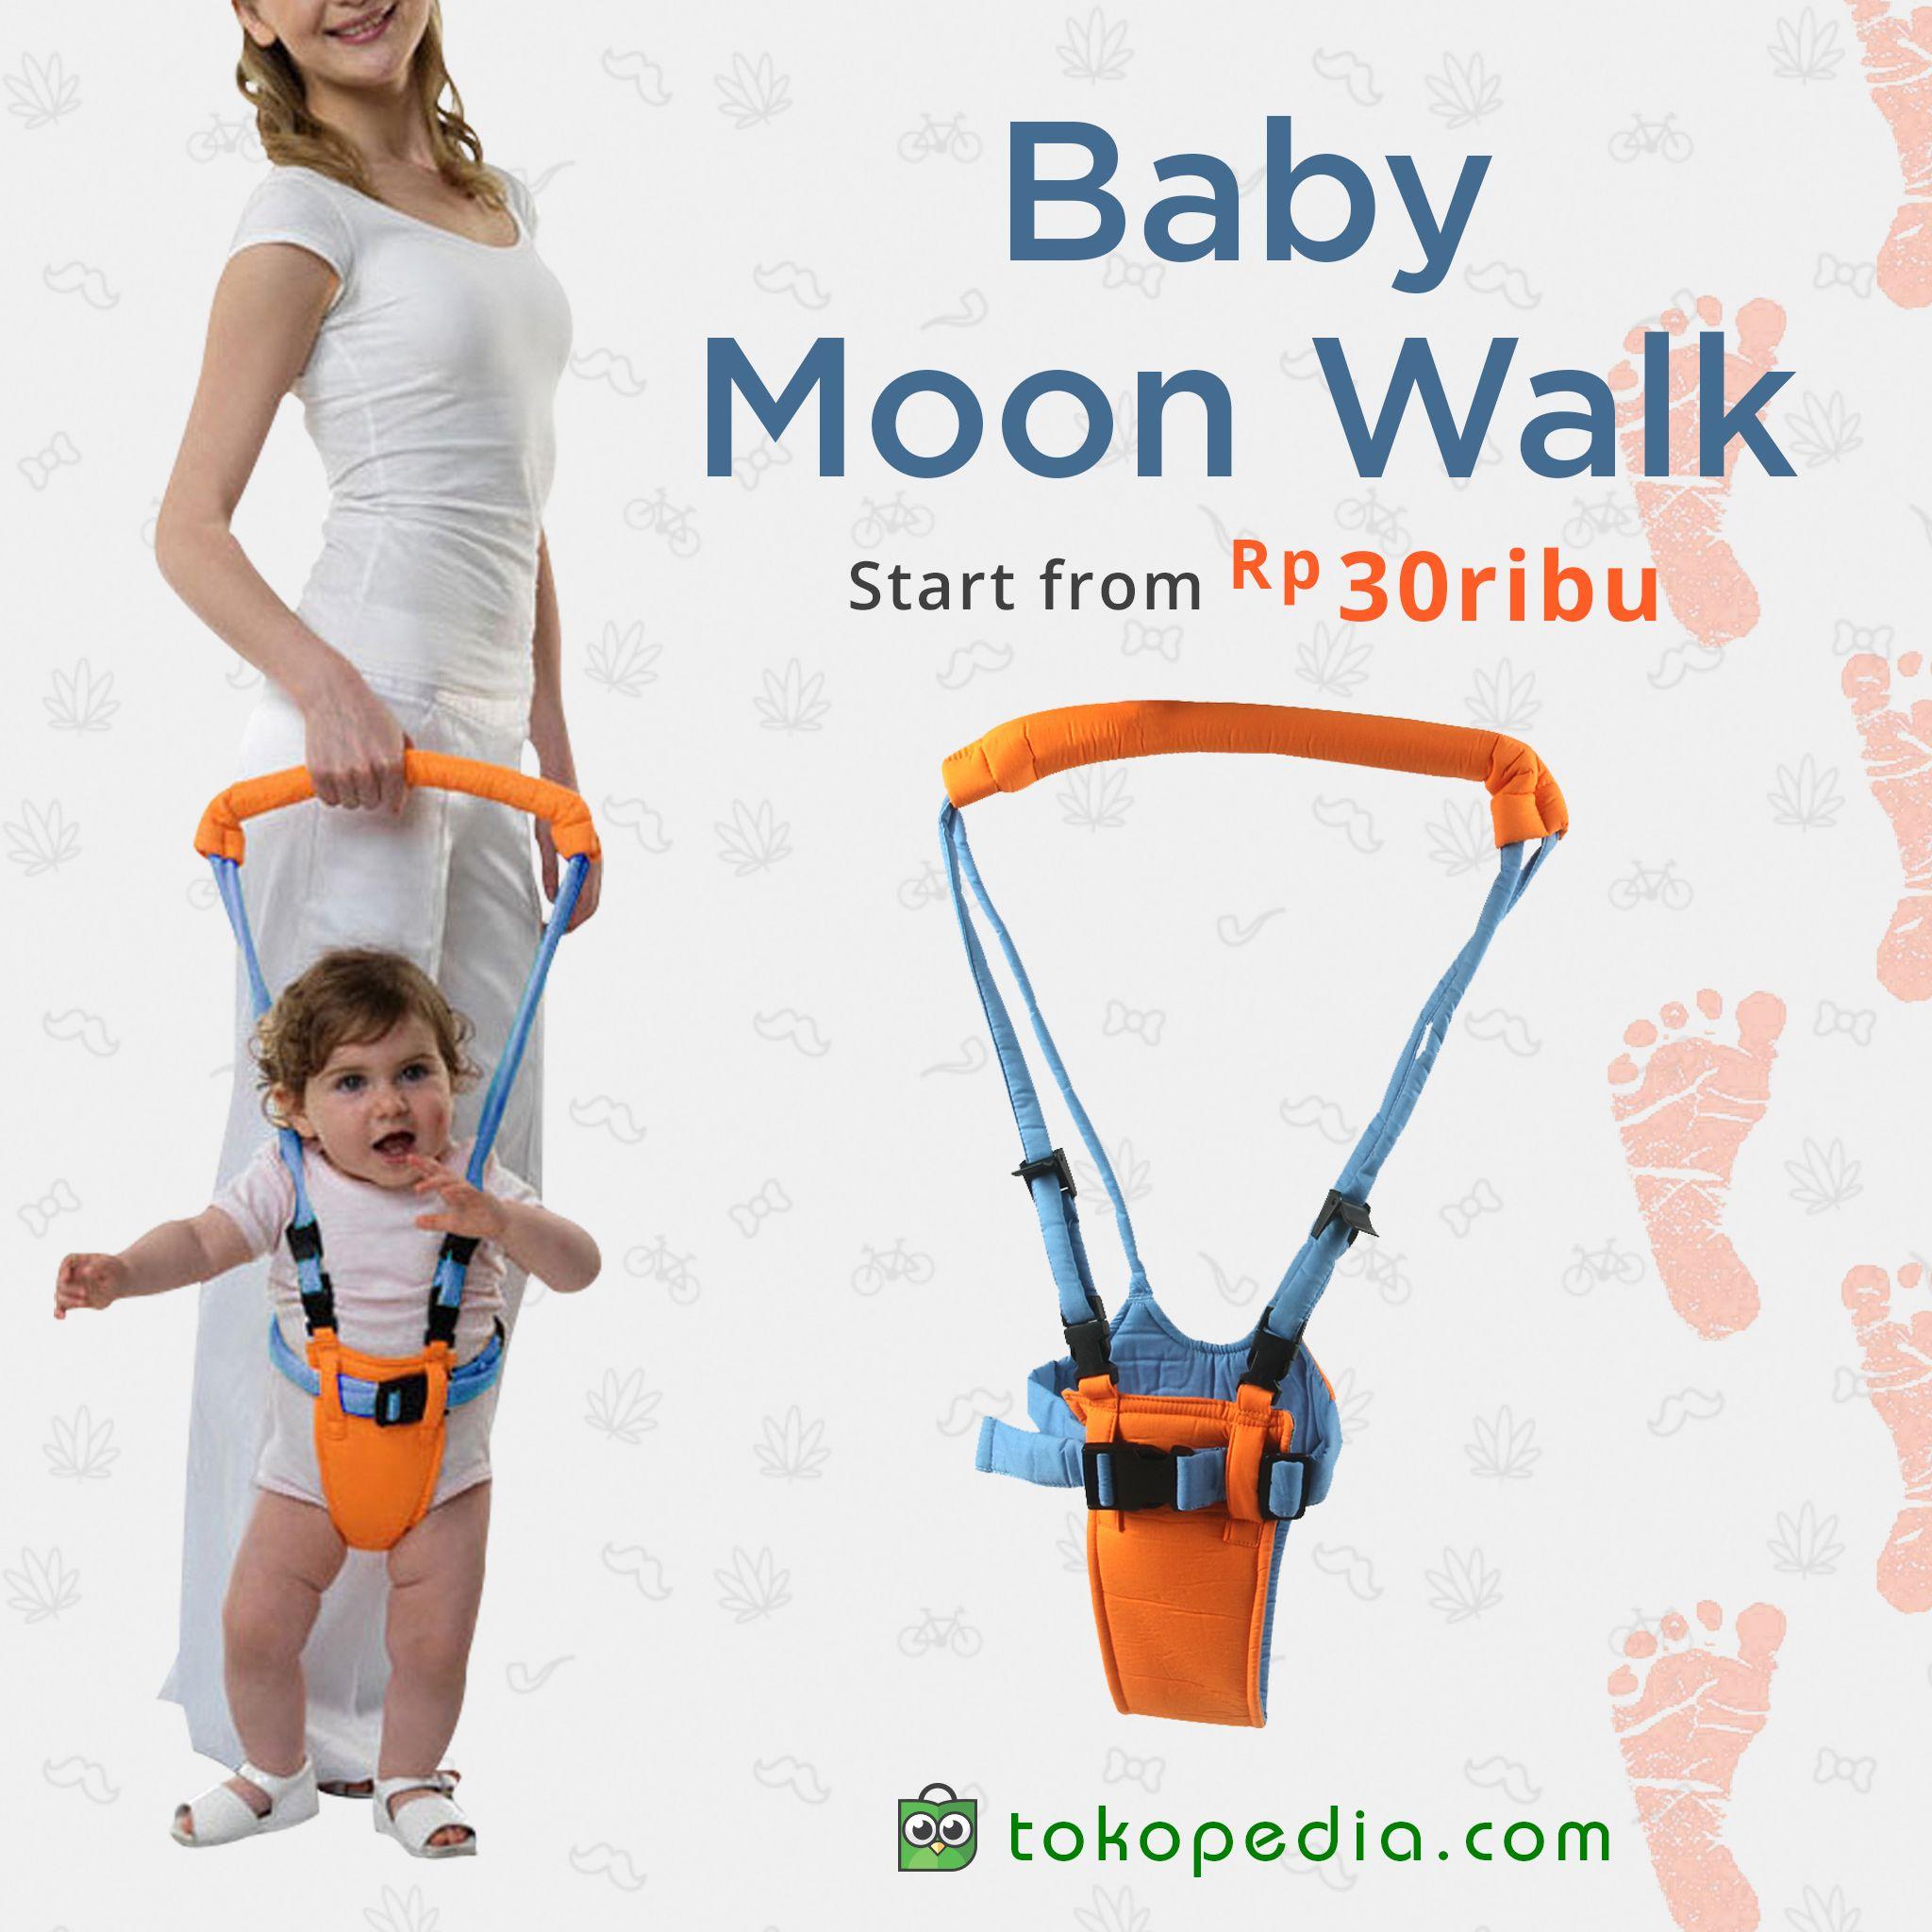 Eits Ini Bukan Alat Supaya Bayi Bisa Melakukan Moon Walk Ala